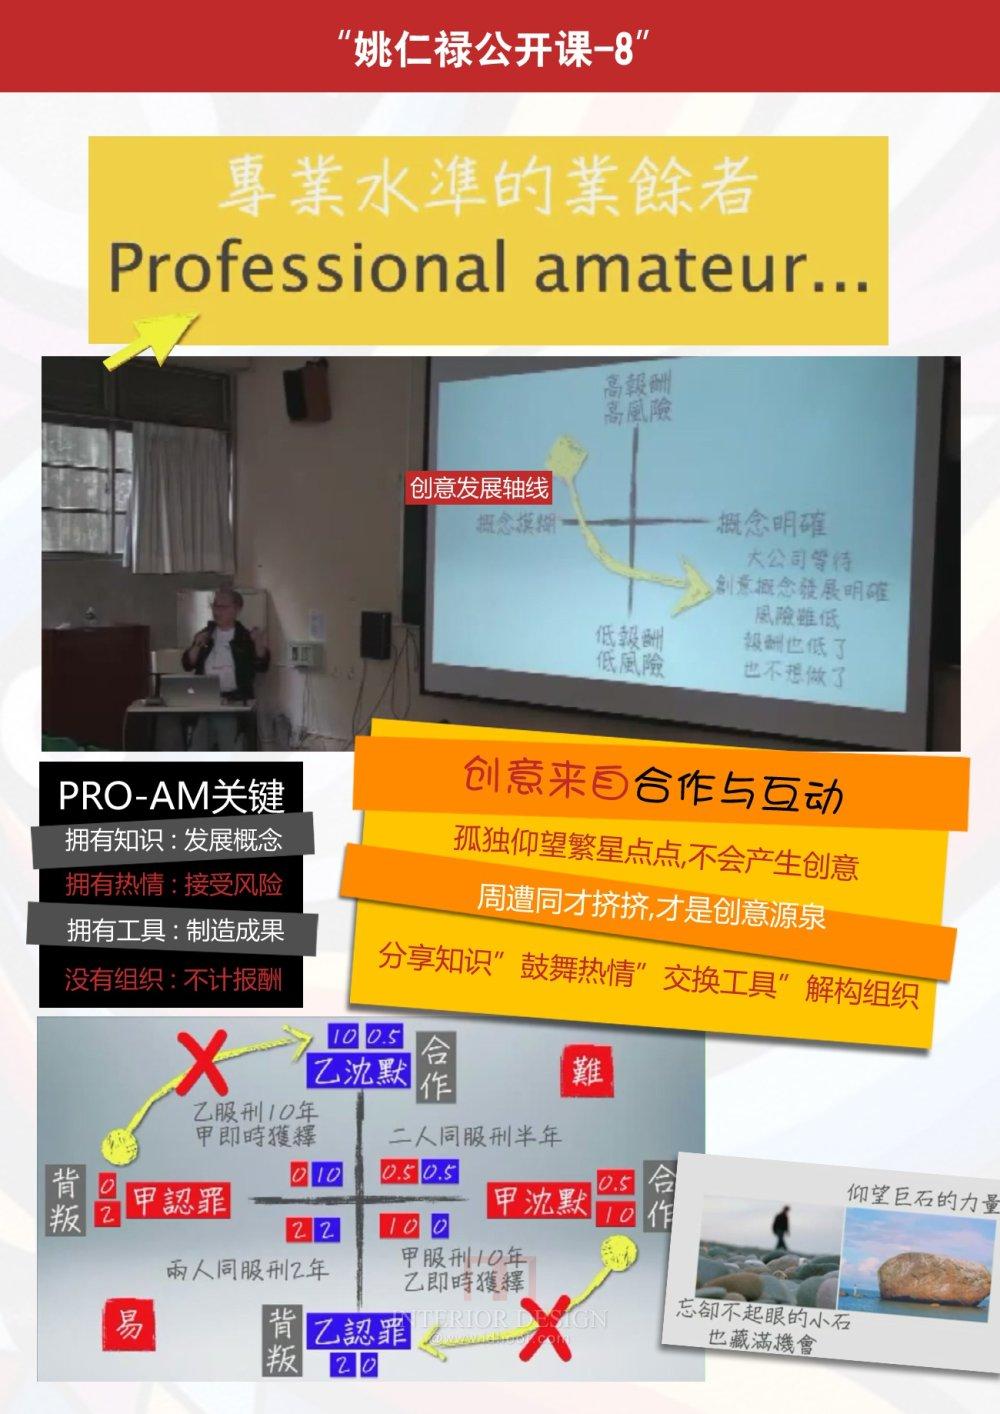 【姚仁禄公开课】-09年上下学期课程笔记_8-09年上班学期课程.jpg